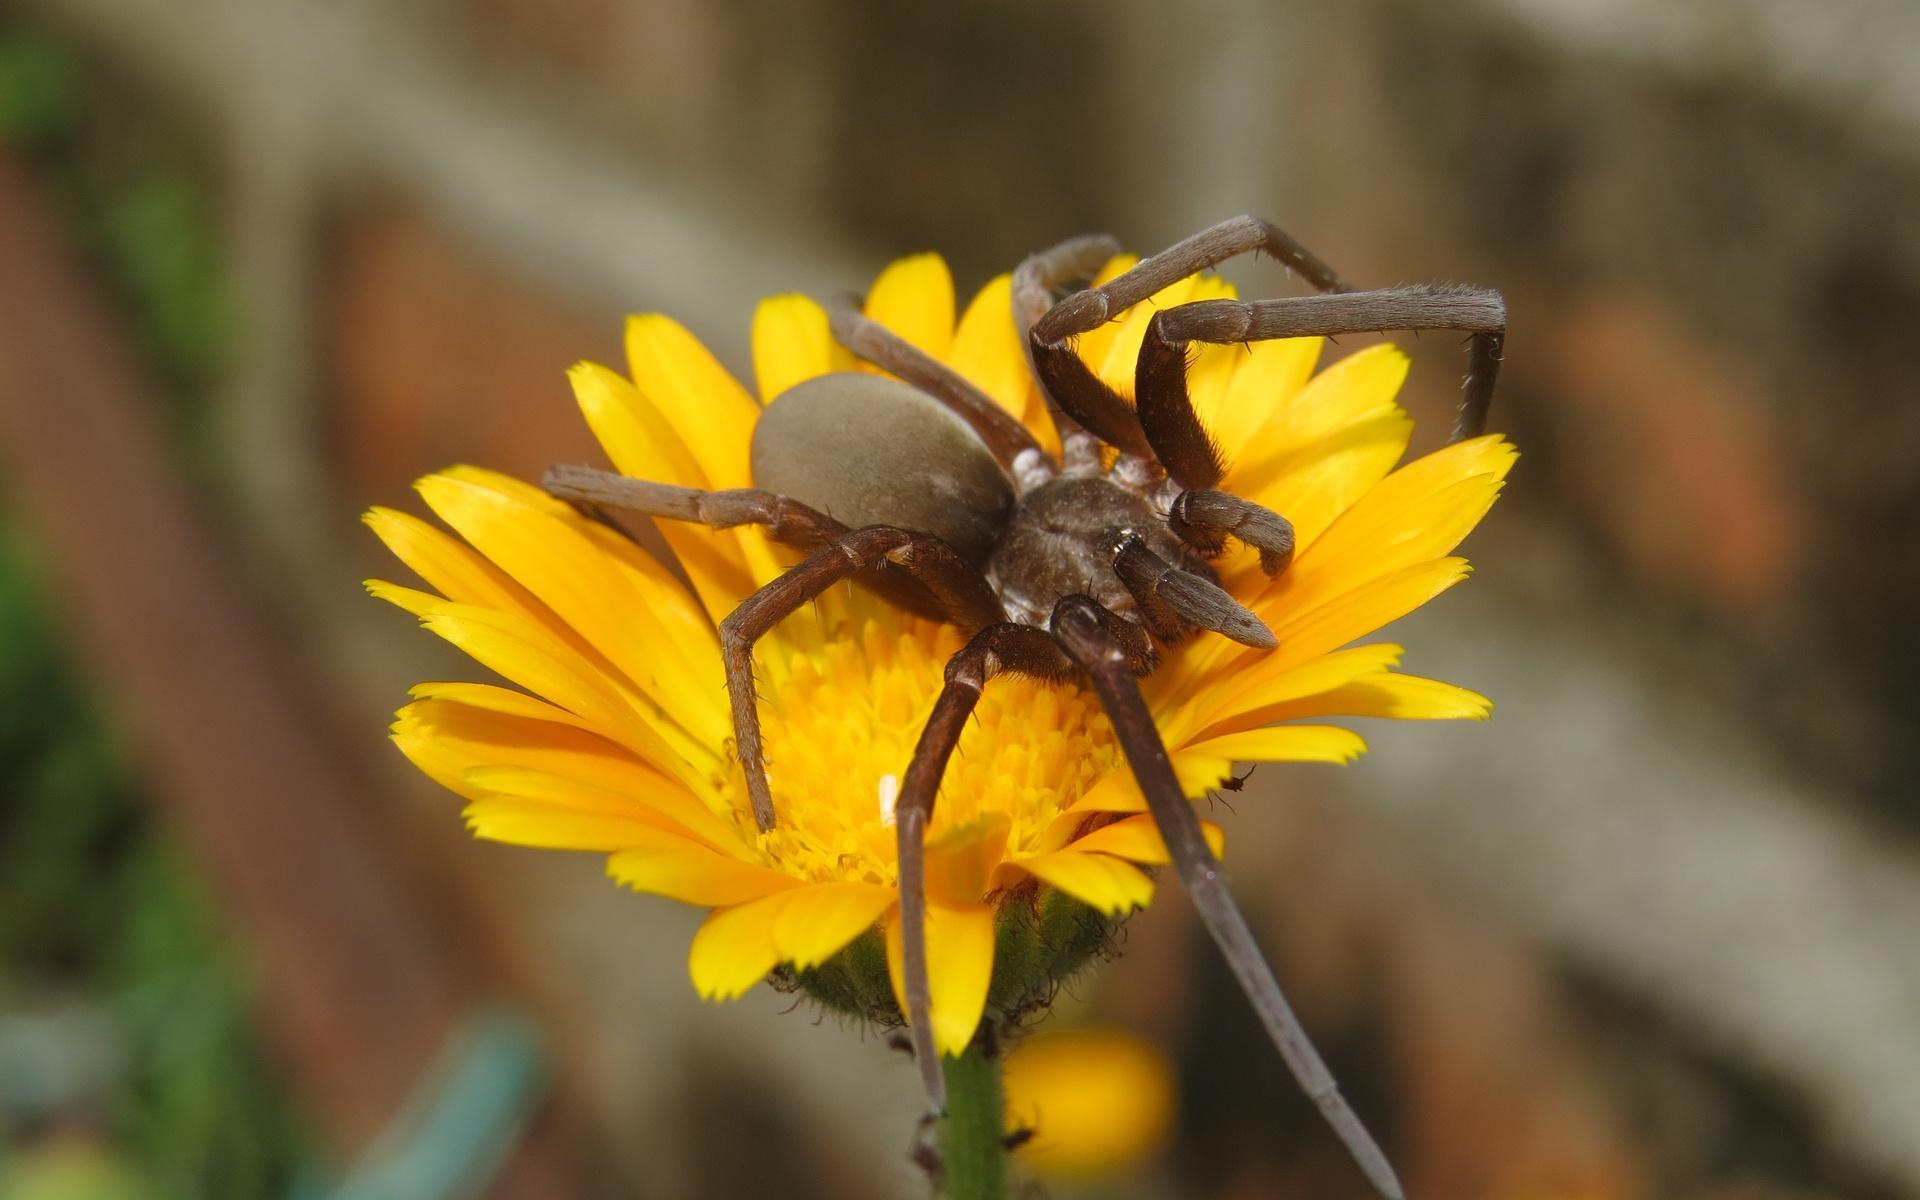 цветы, паук, насекомое, крупный план